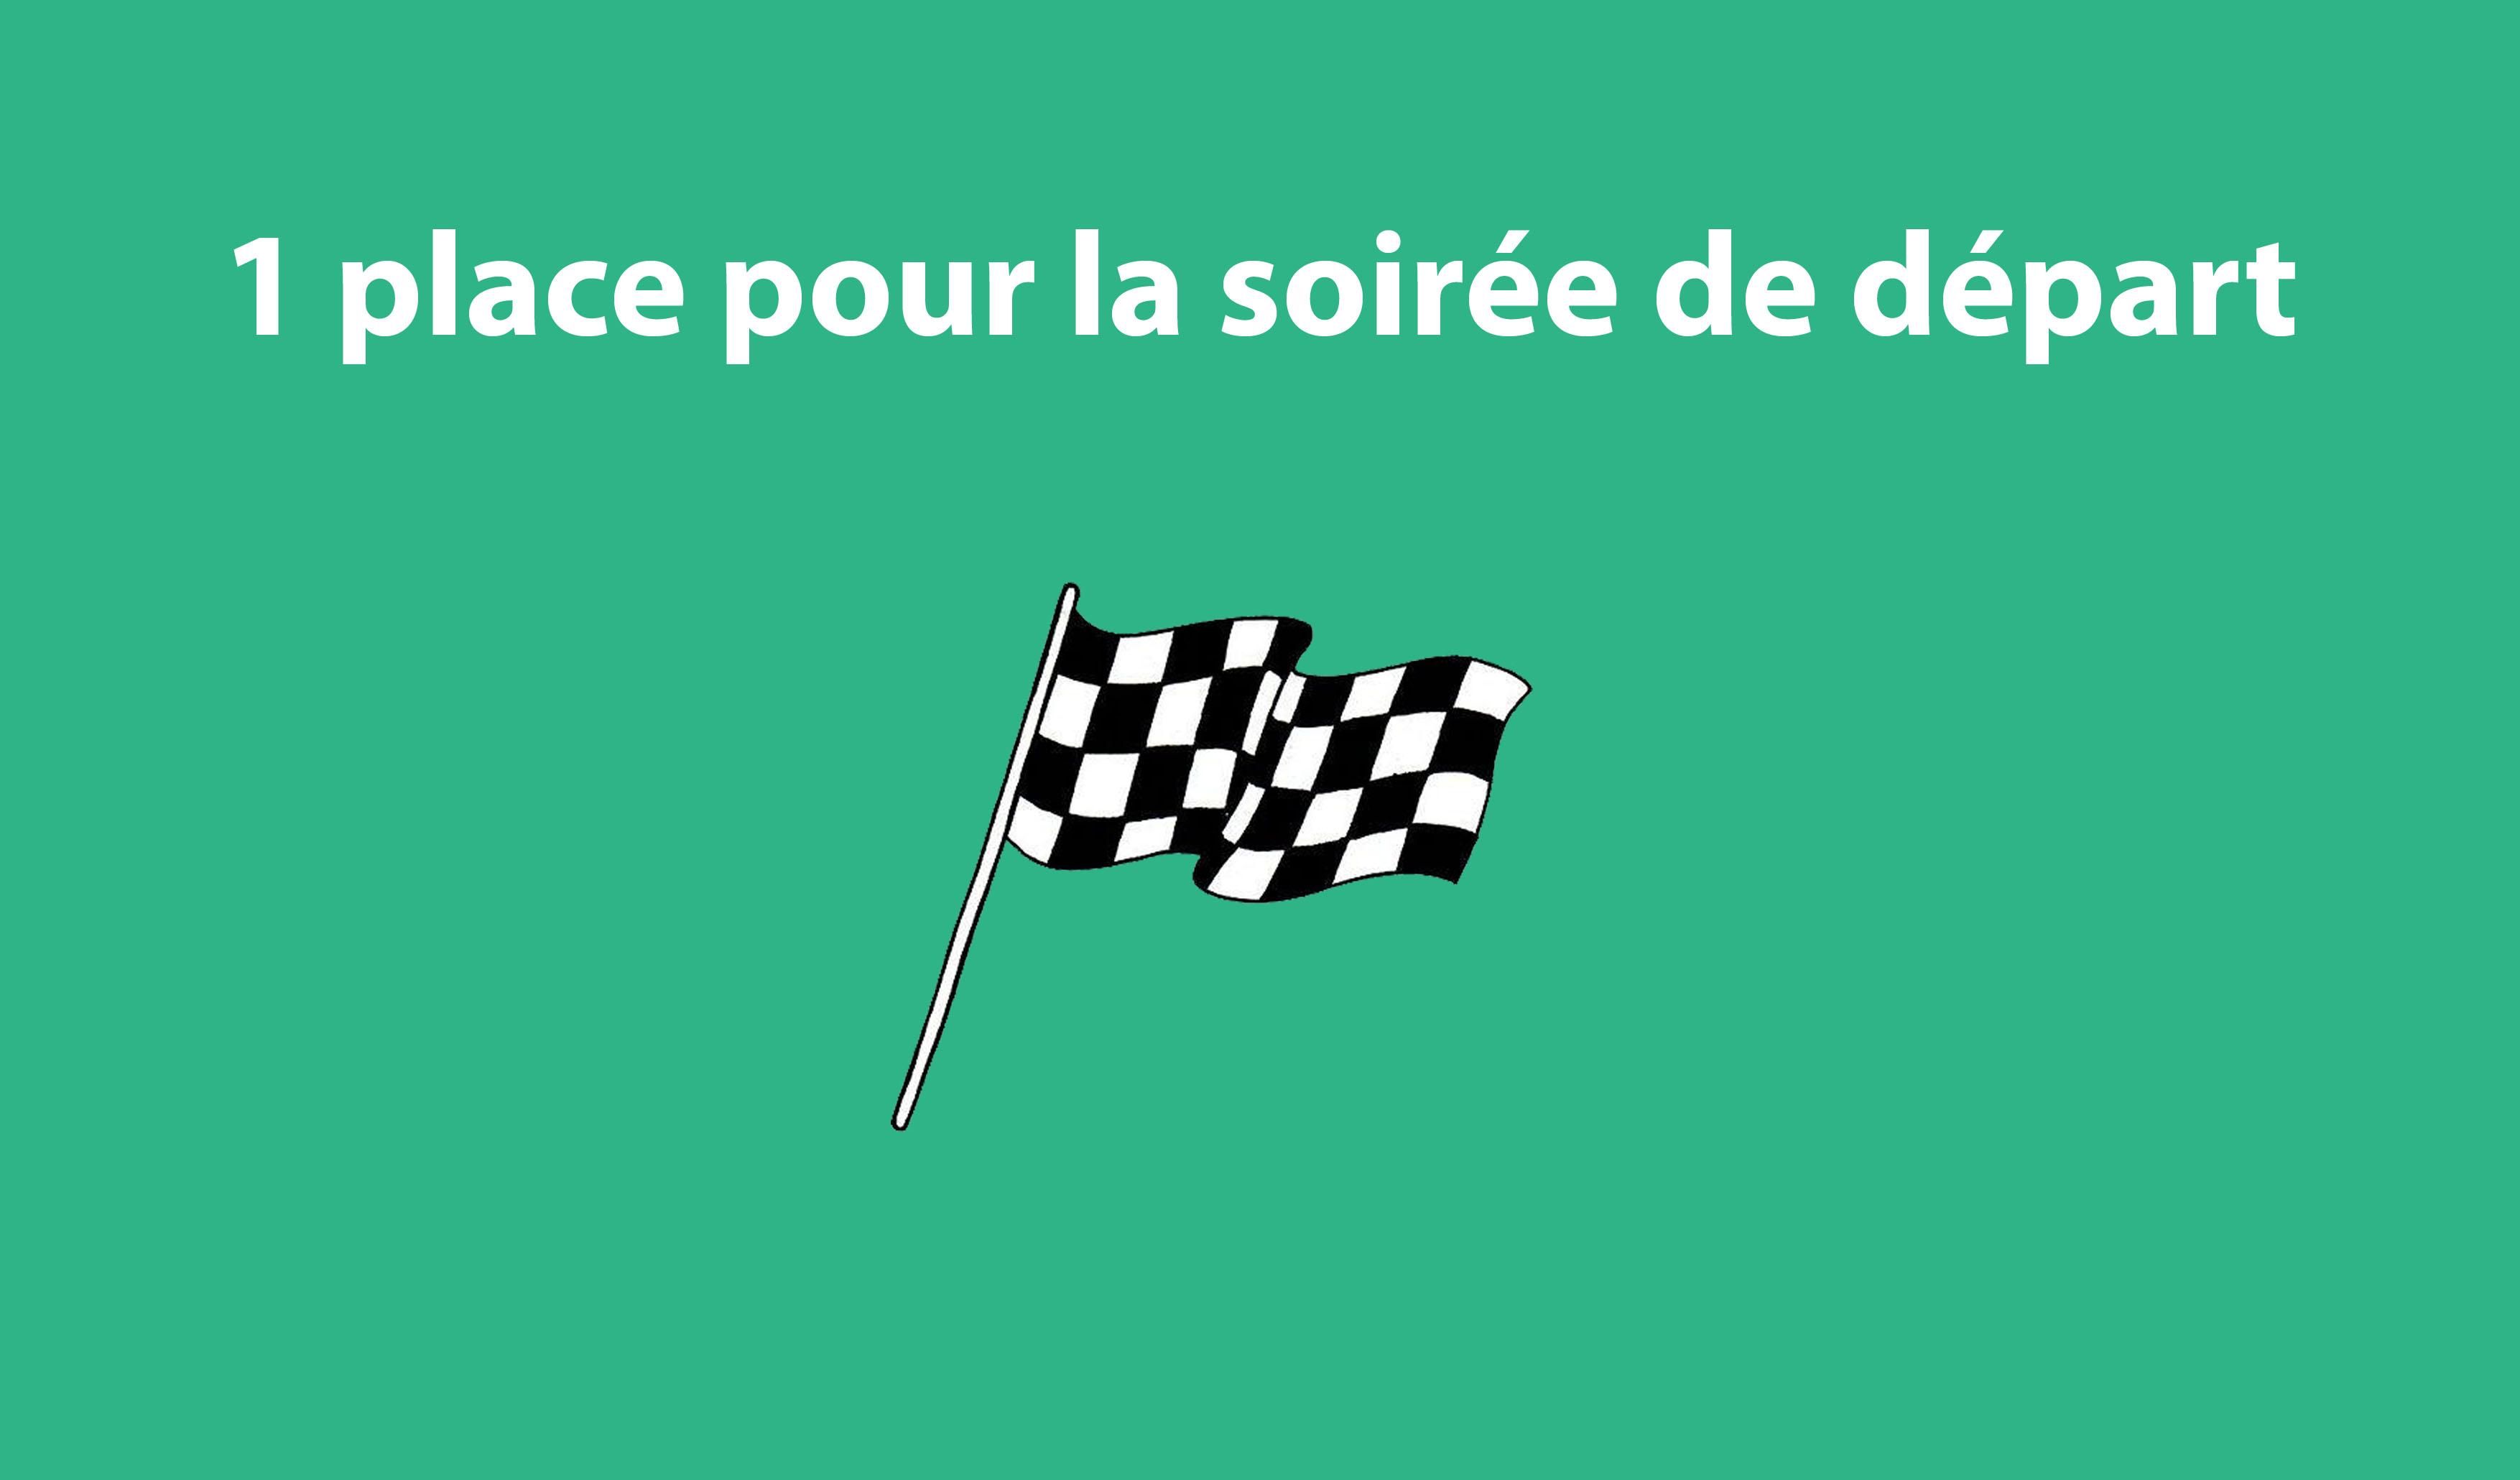 derailleur-20euros_copie-1462396828.jpg